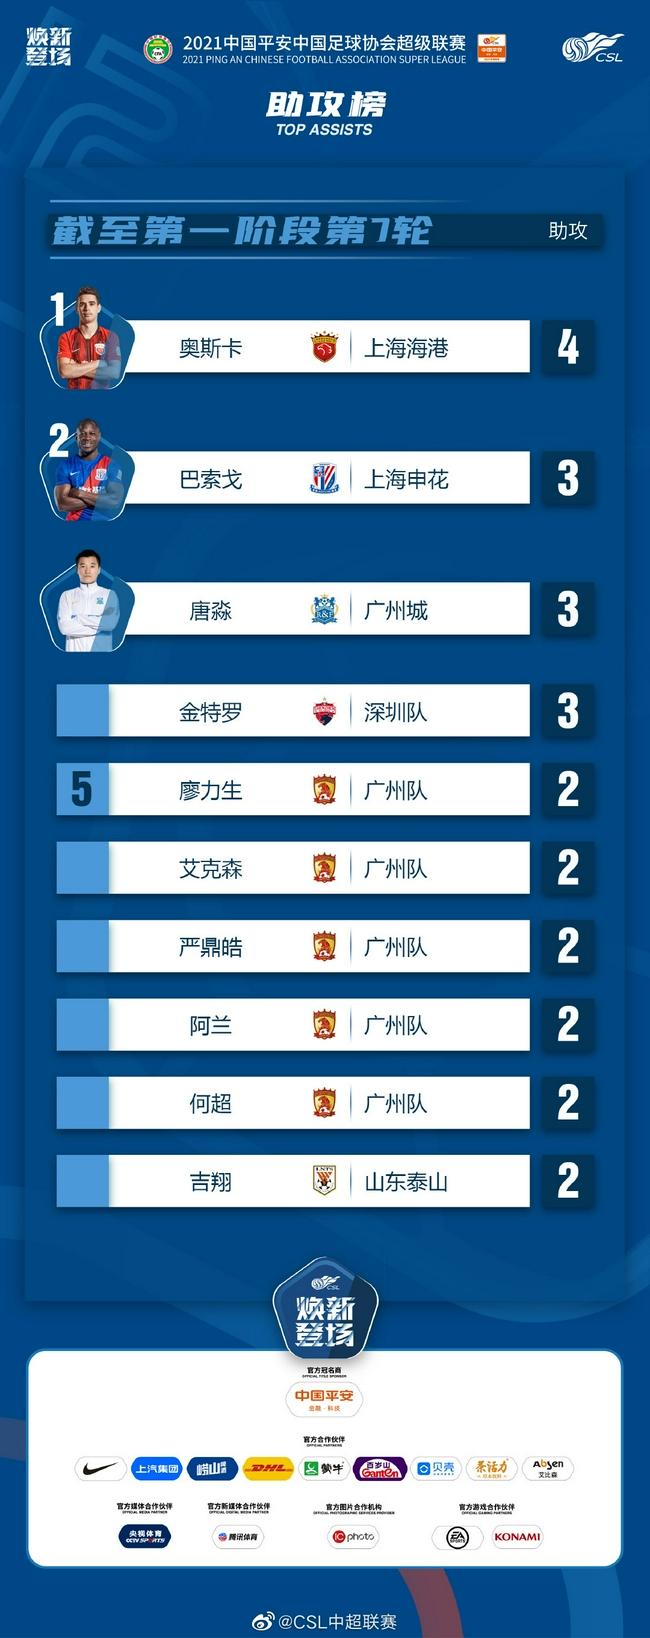 中超前7轮助攻榜:奥斯卡领跑 广州队5将并列第3